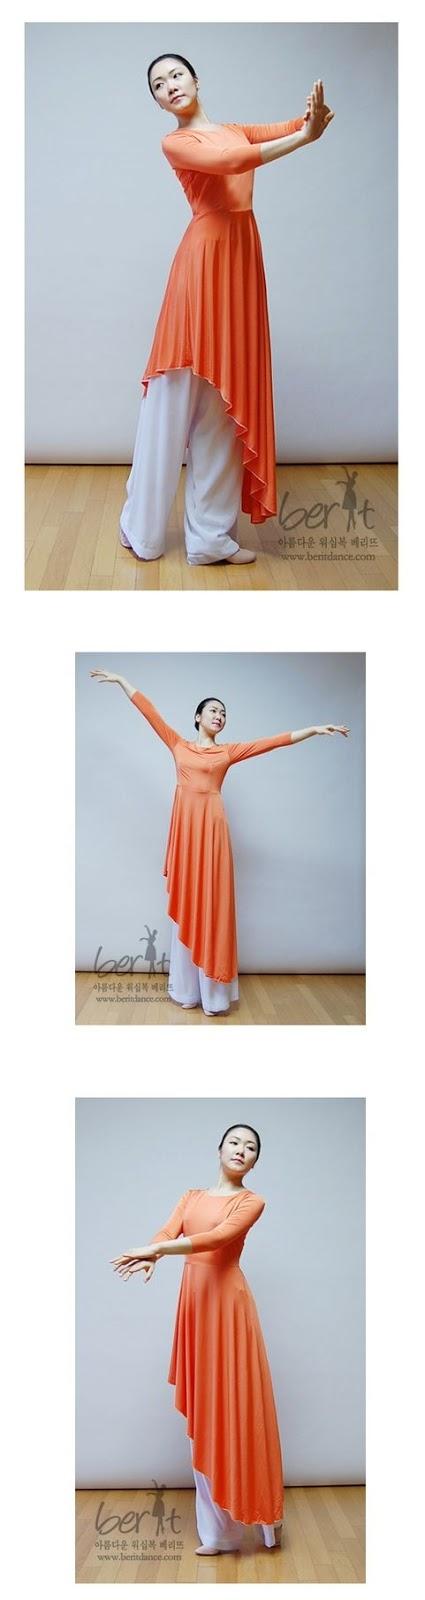 Figurinos para Dança (Parte 6) - Femininos, Vestes ministeriais femininas, figurinos para dança, figurinos de dança para mulheres,